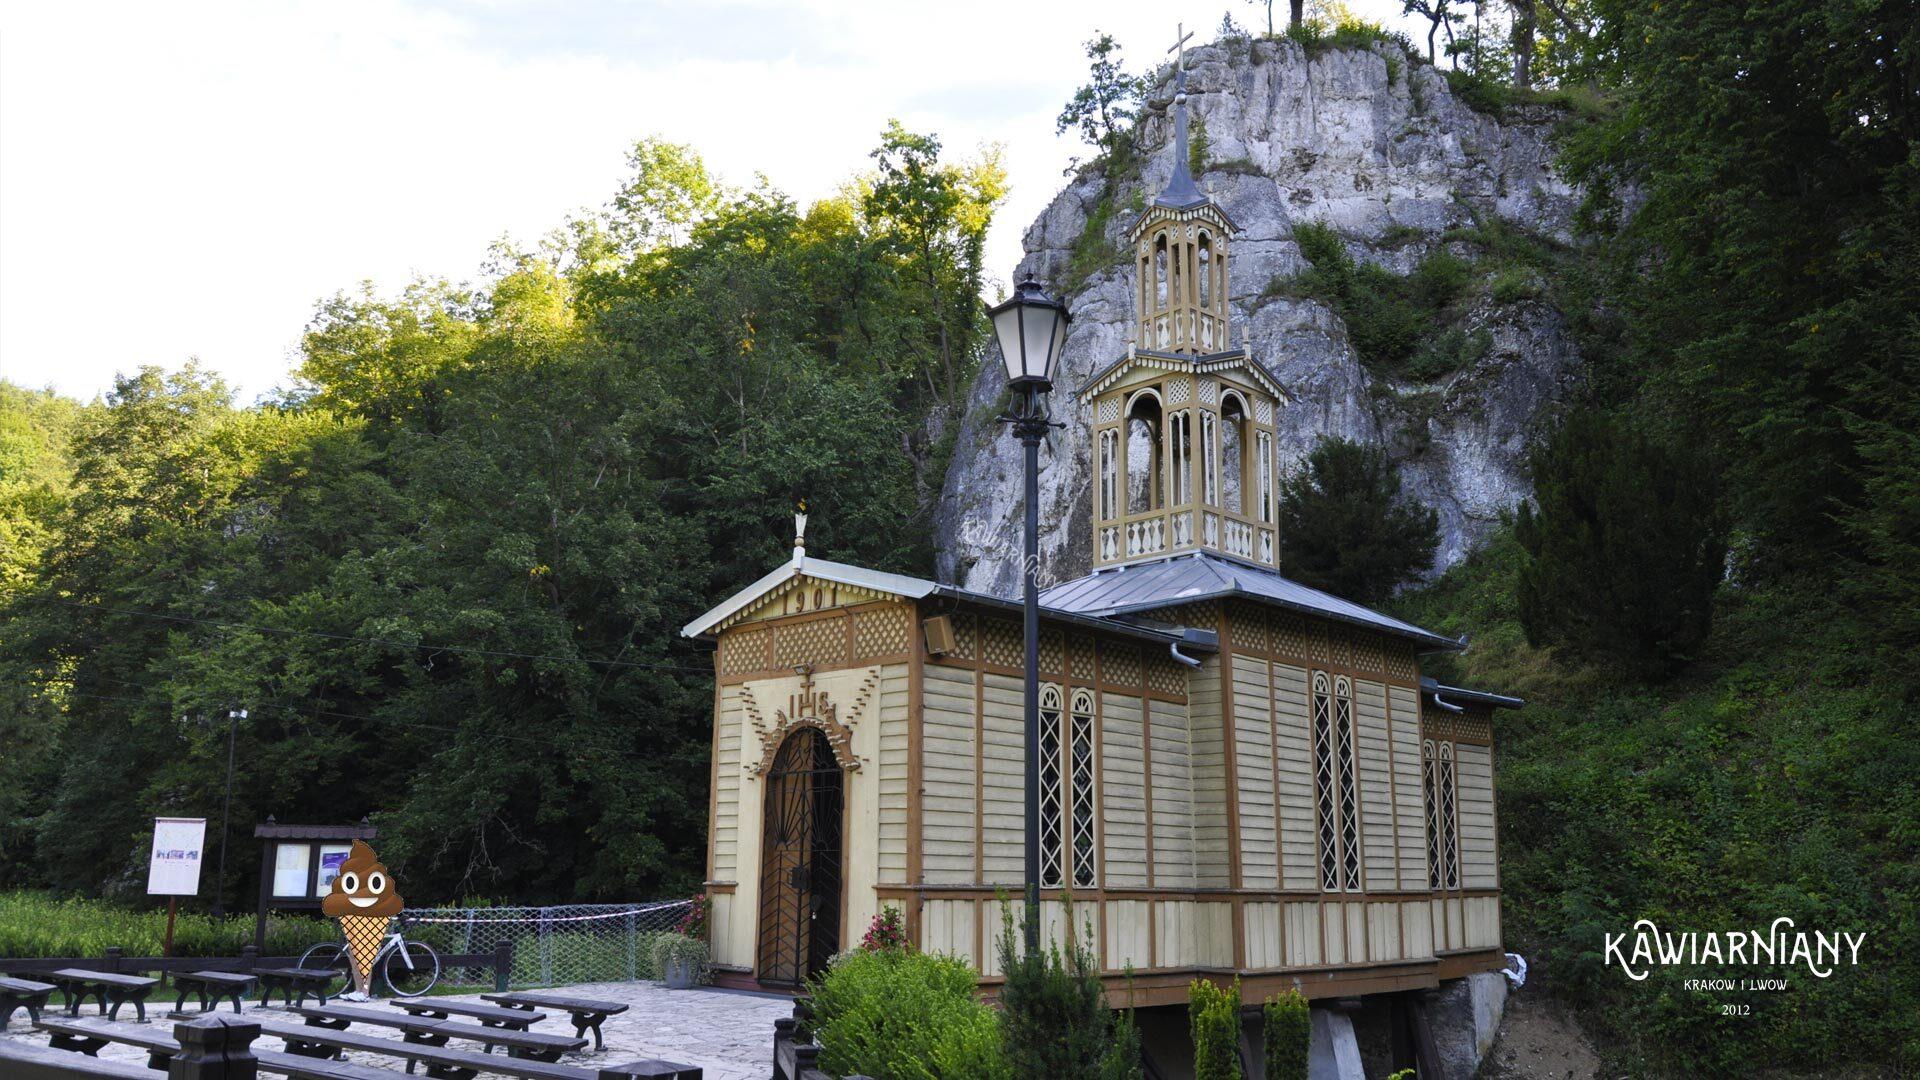 Kaplica na wodzie w Ojcowie. Cennik, parking, zwiedzanie